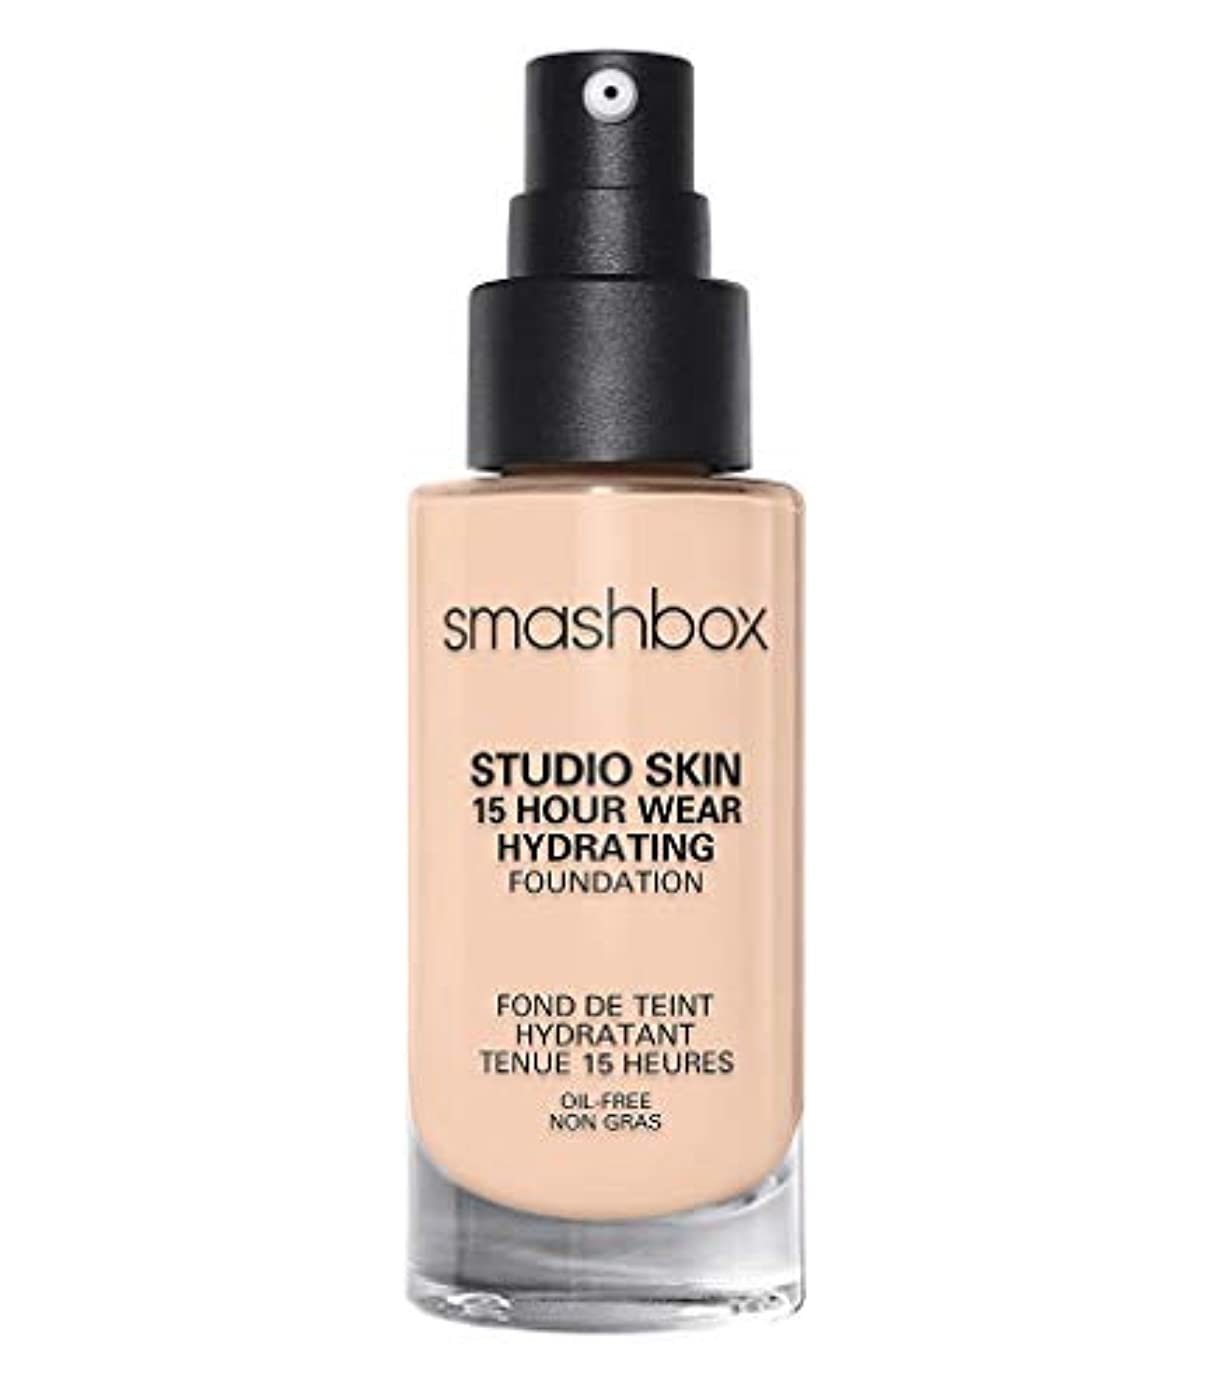 ありそう交流する空のスマッシュボックス Studio Skin 15 Hour Wear Hydrating Foundation - # 0.3 Fair With Neutral Undertone 30ml/1oz並行輸入品